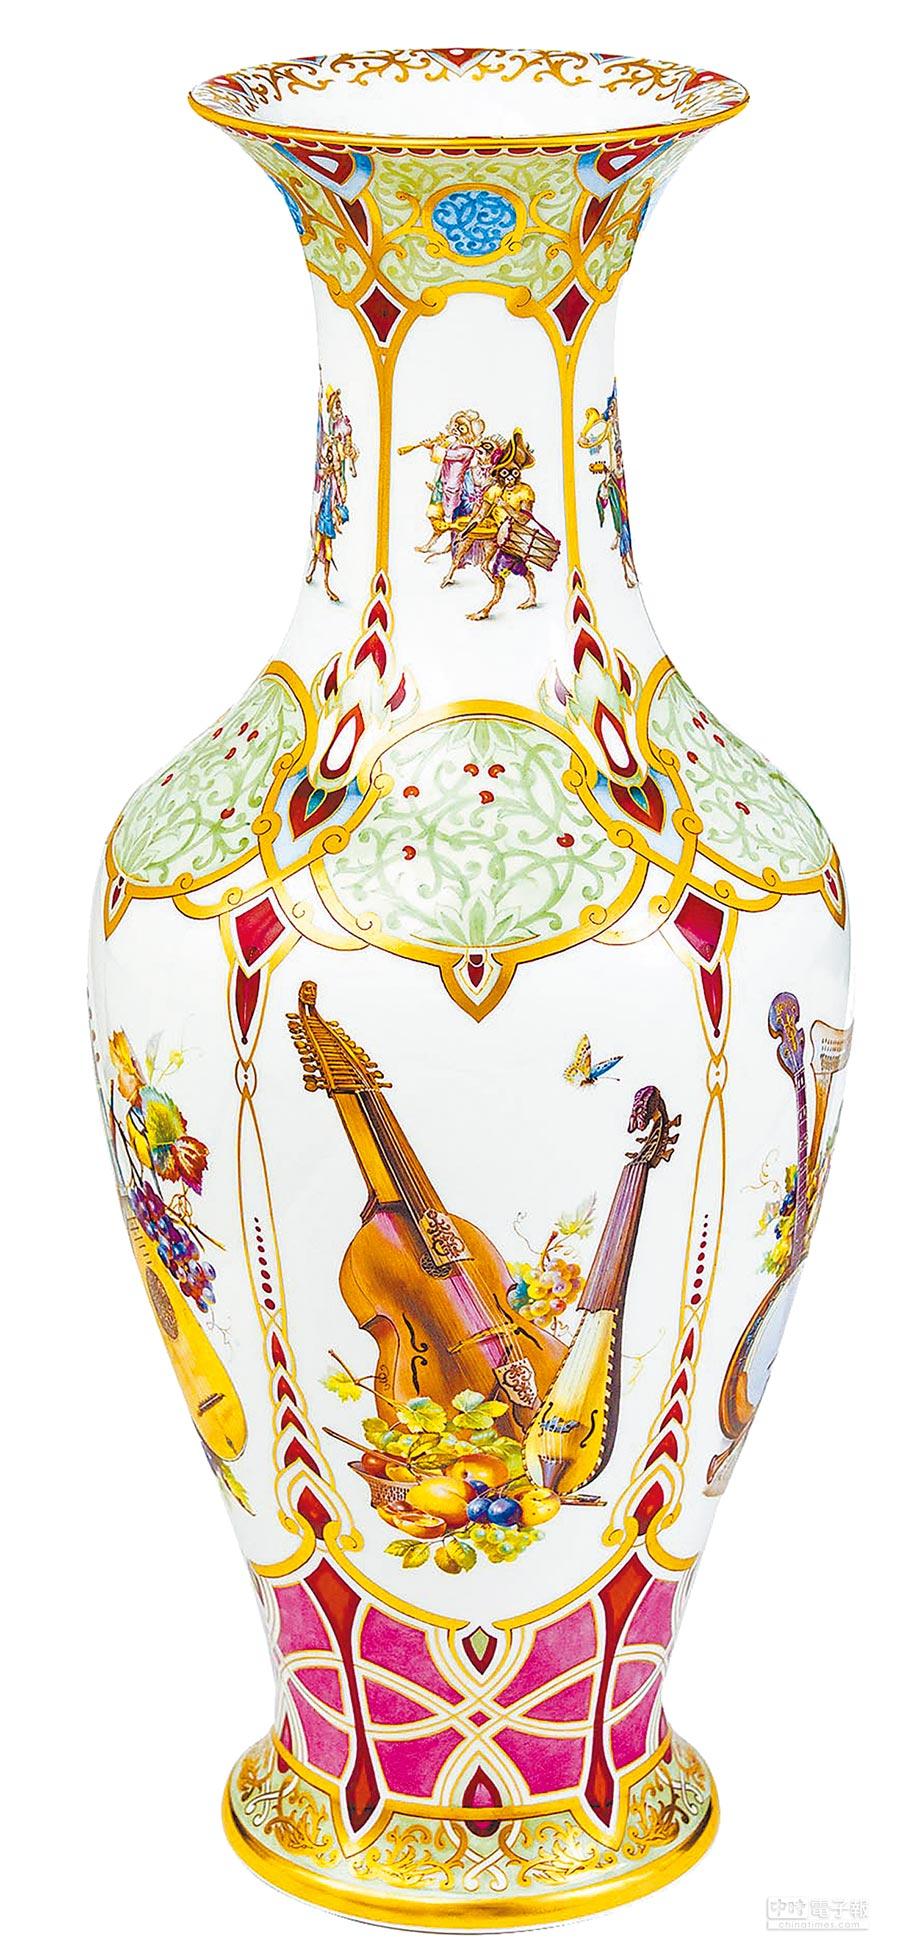 「麥森古典樂曲花瓶」以大鼓、笛子、豎琴、各色提琴等羅列在花瓶的正中心位置,就像一個小型樂隊正要展開一場音樂盛會。(盧禕祺攝)